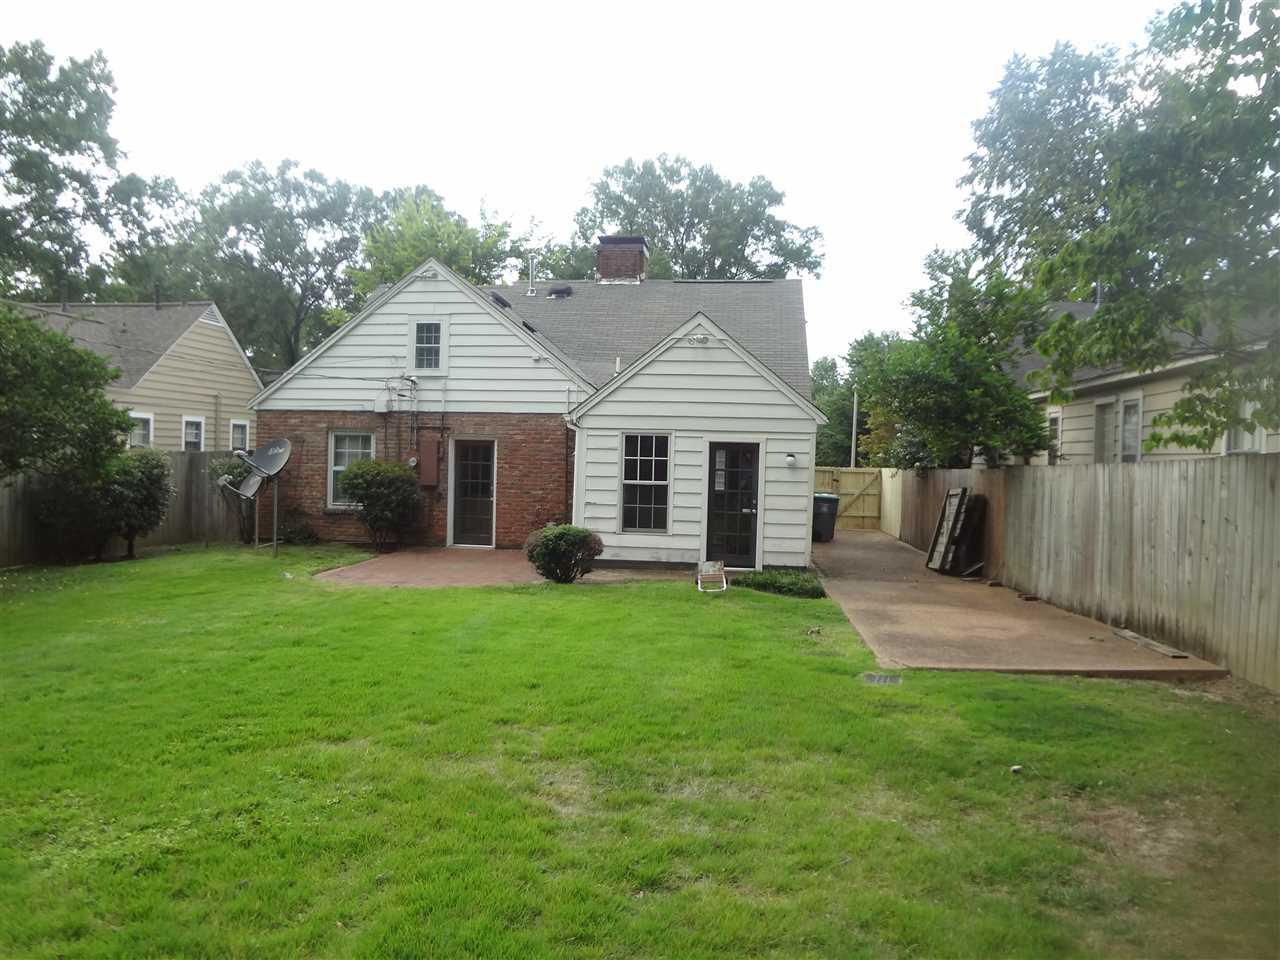 3245 Overland Memphis, TN 38111 - MLS #: 10029073